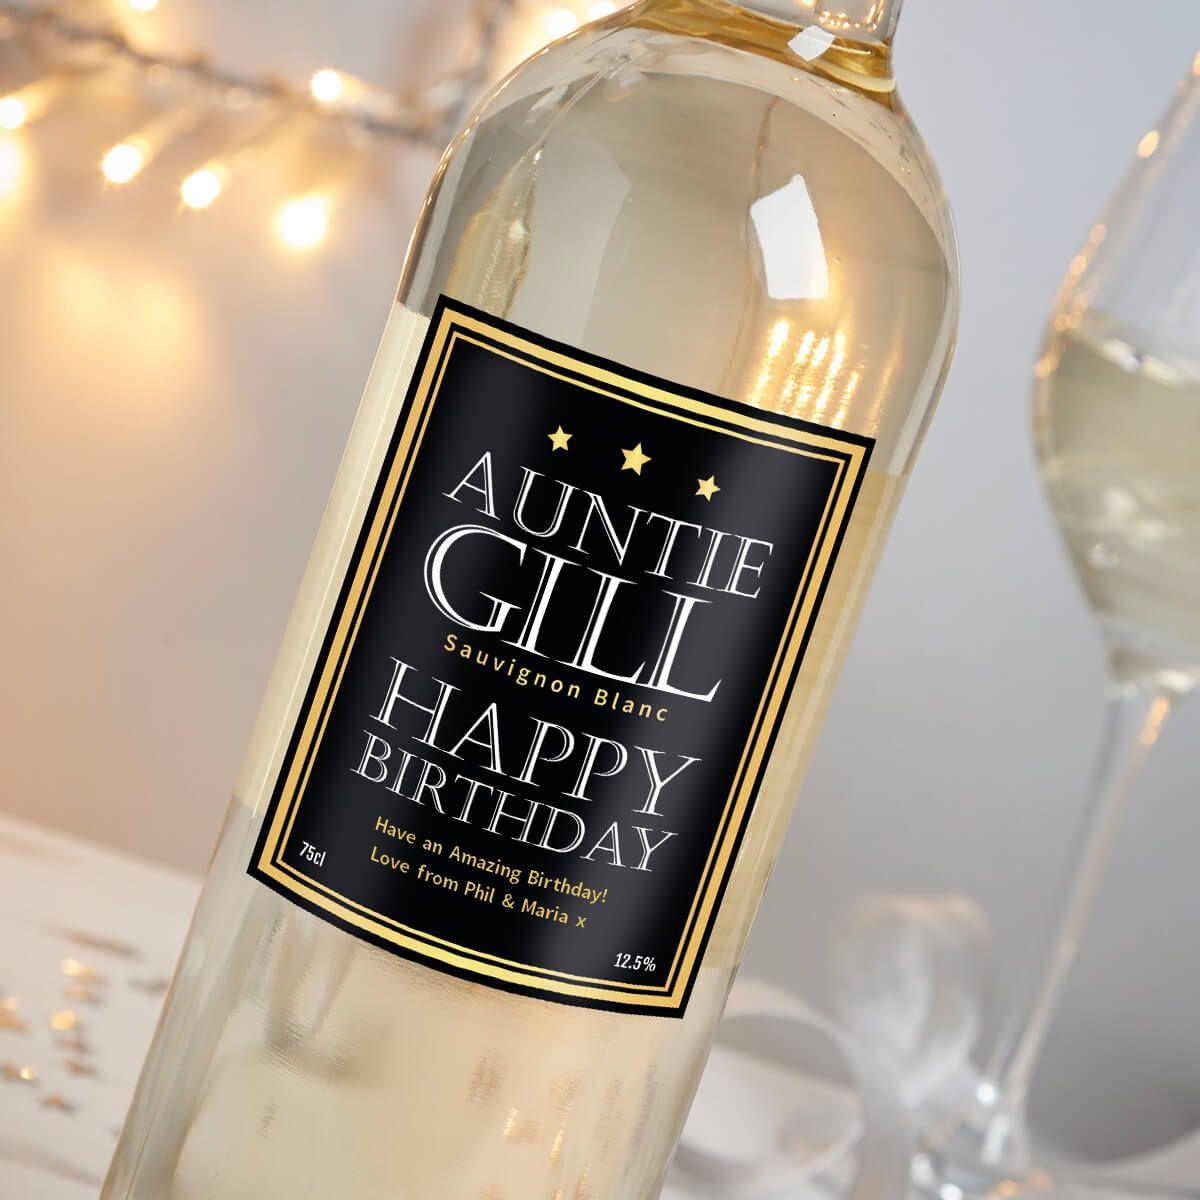 Aunties Birthday White Wine